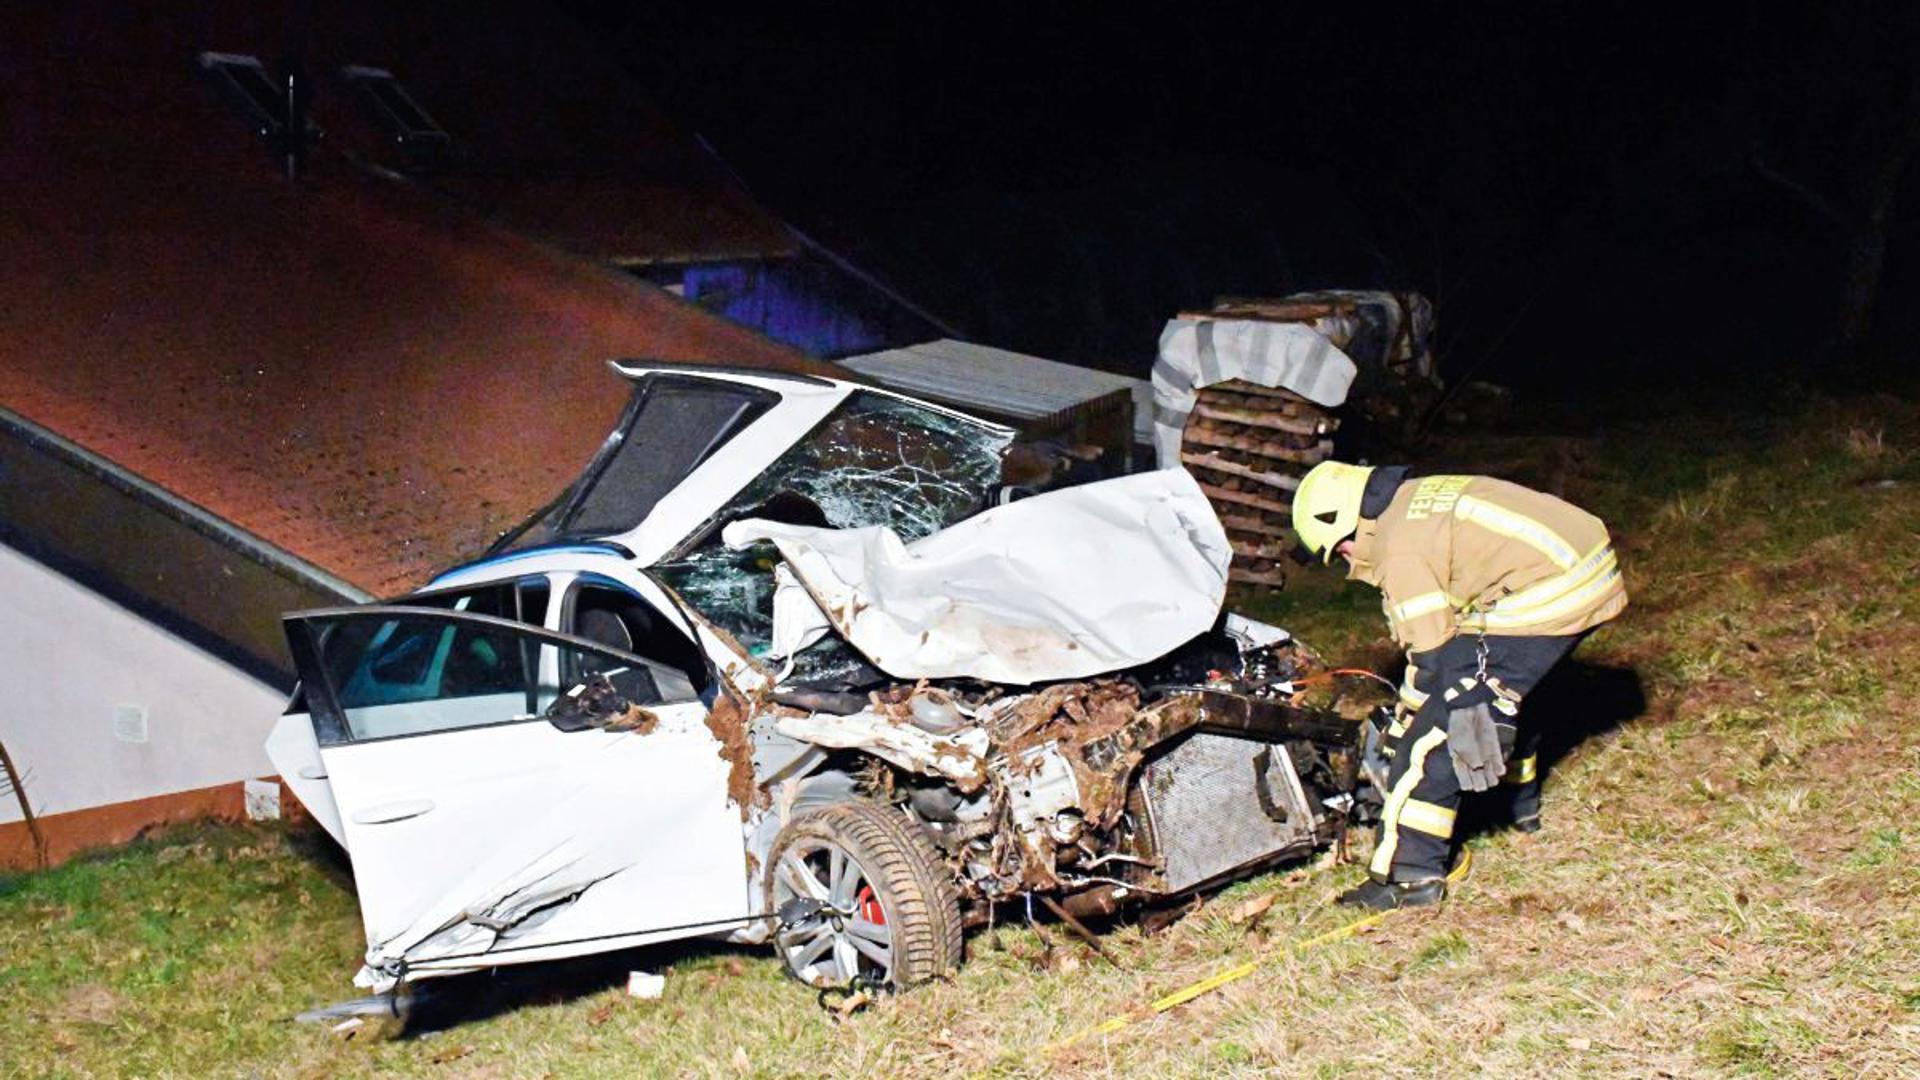 Ein Autofahrer ist am Samstagabend auf der L83a, Ortsausgang Bühlertal in Richtung Bühl-Neusatz, bei einem Verkehrsunfall schwer verletzt worden.